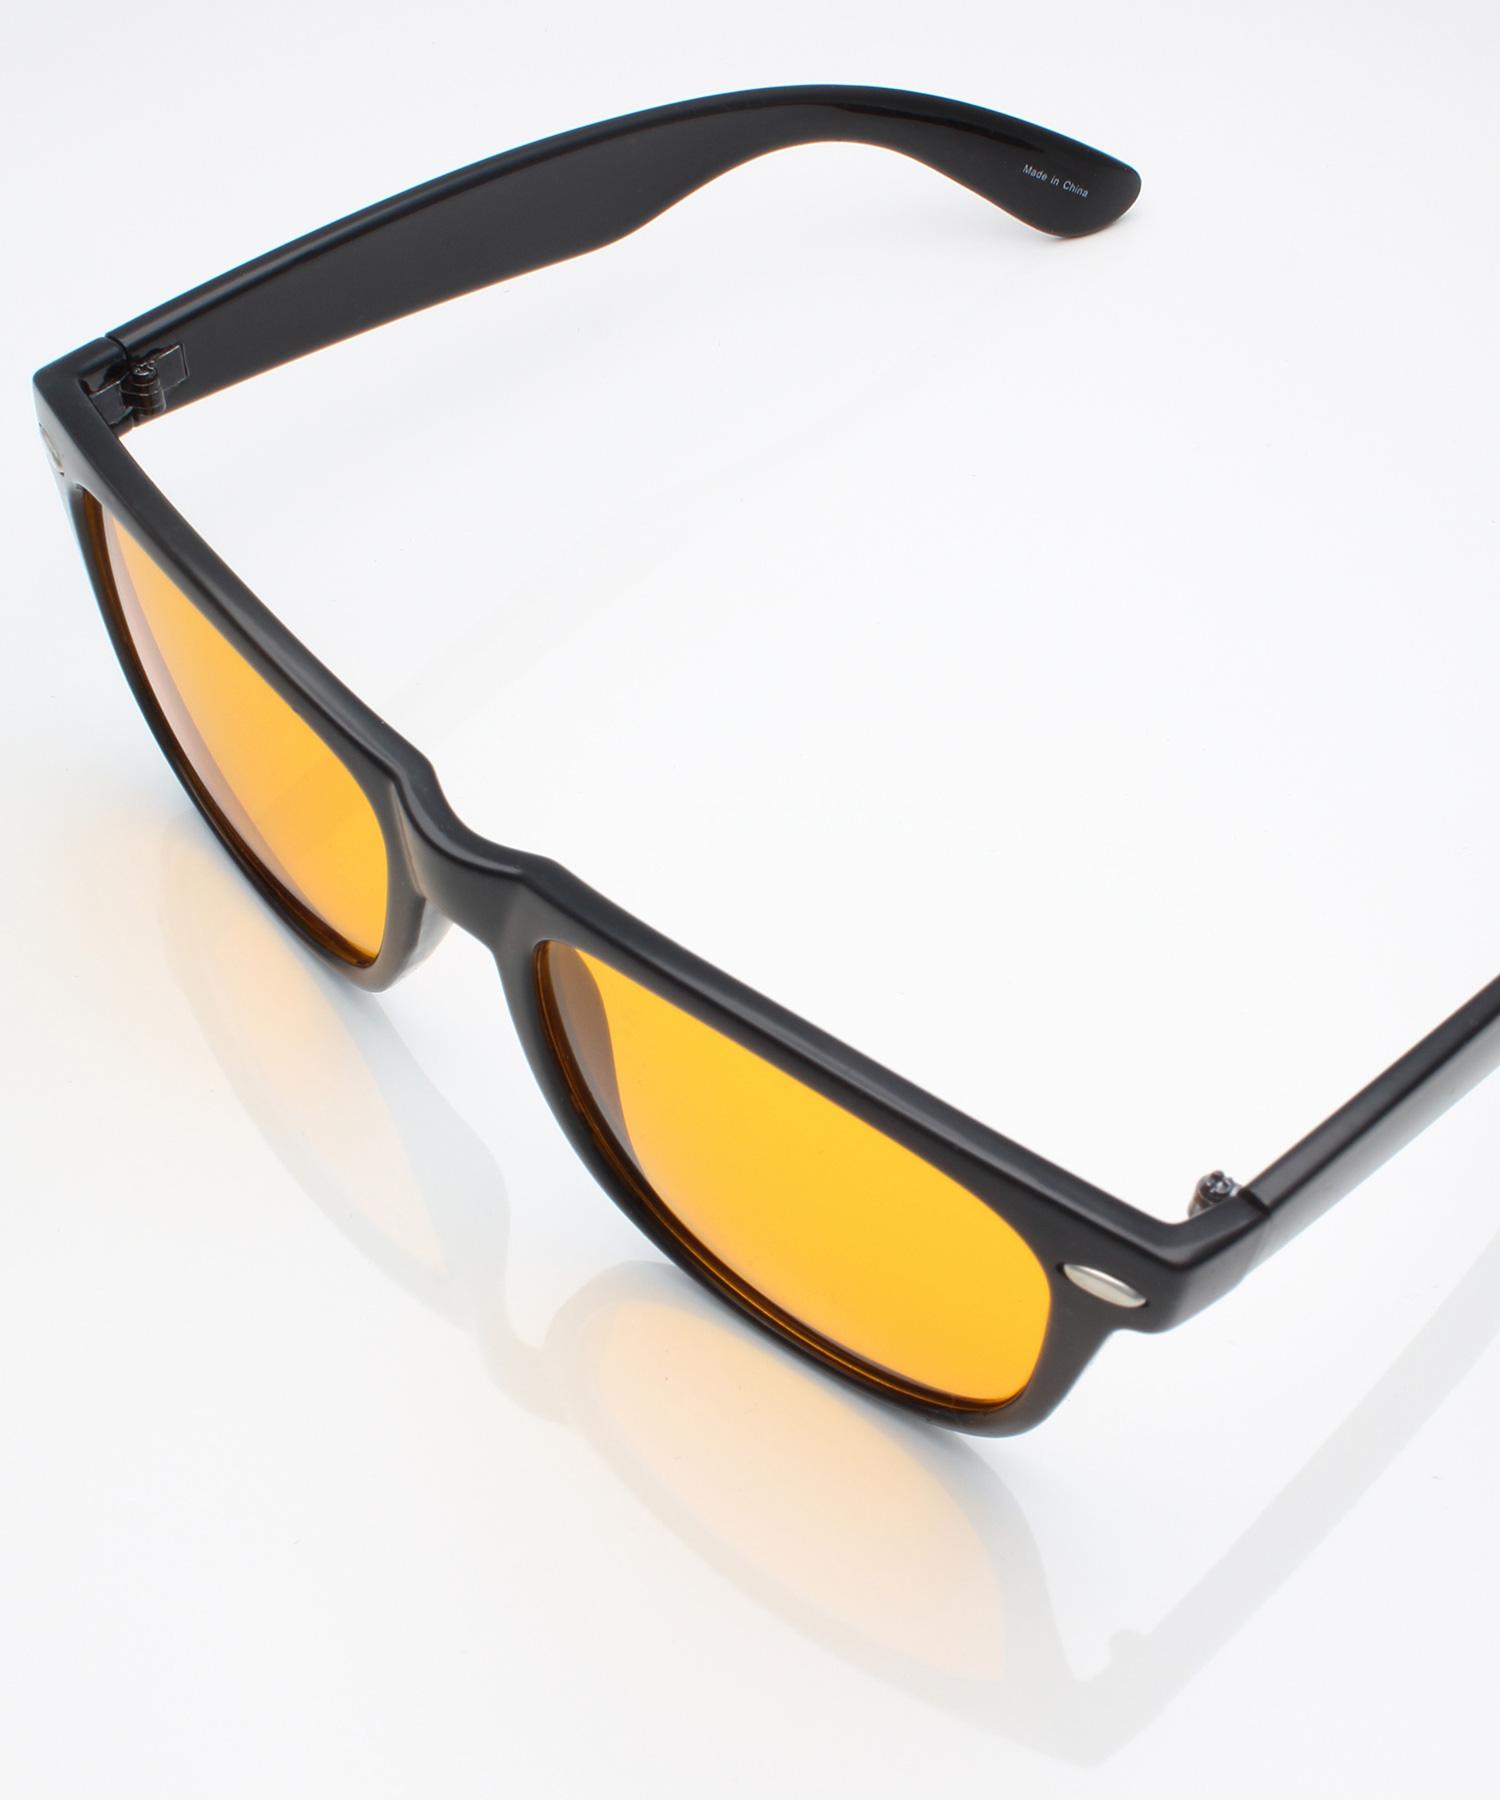 サングラス べっ甲 ボストン型 ウェリントン型 カラーレンズ/MONO-MART Select(サングラスケース箱付き)